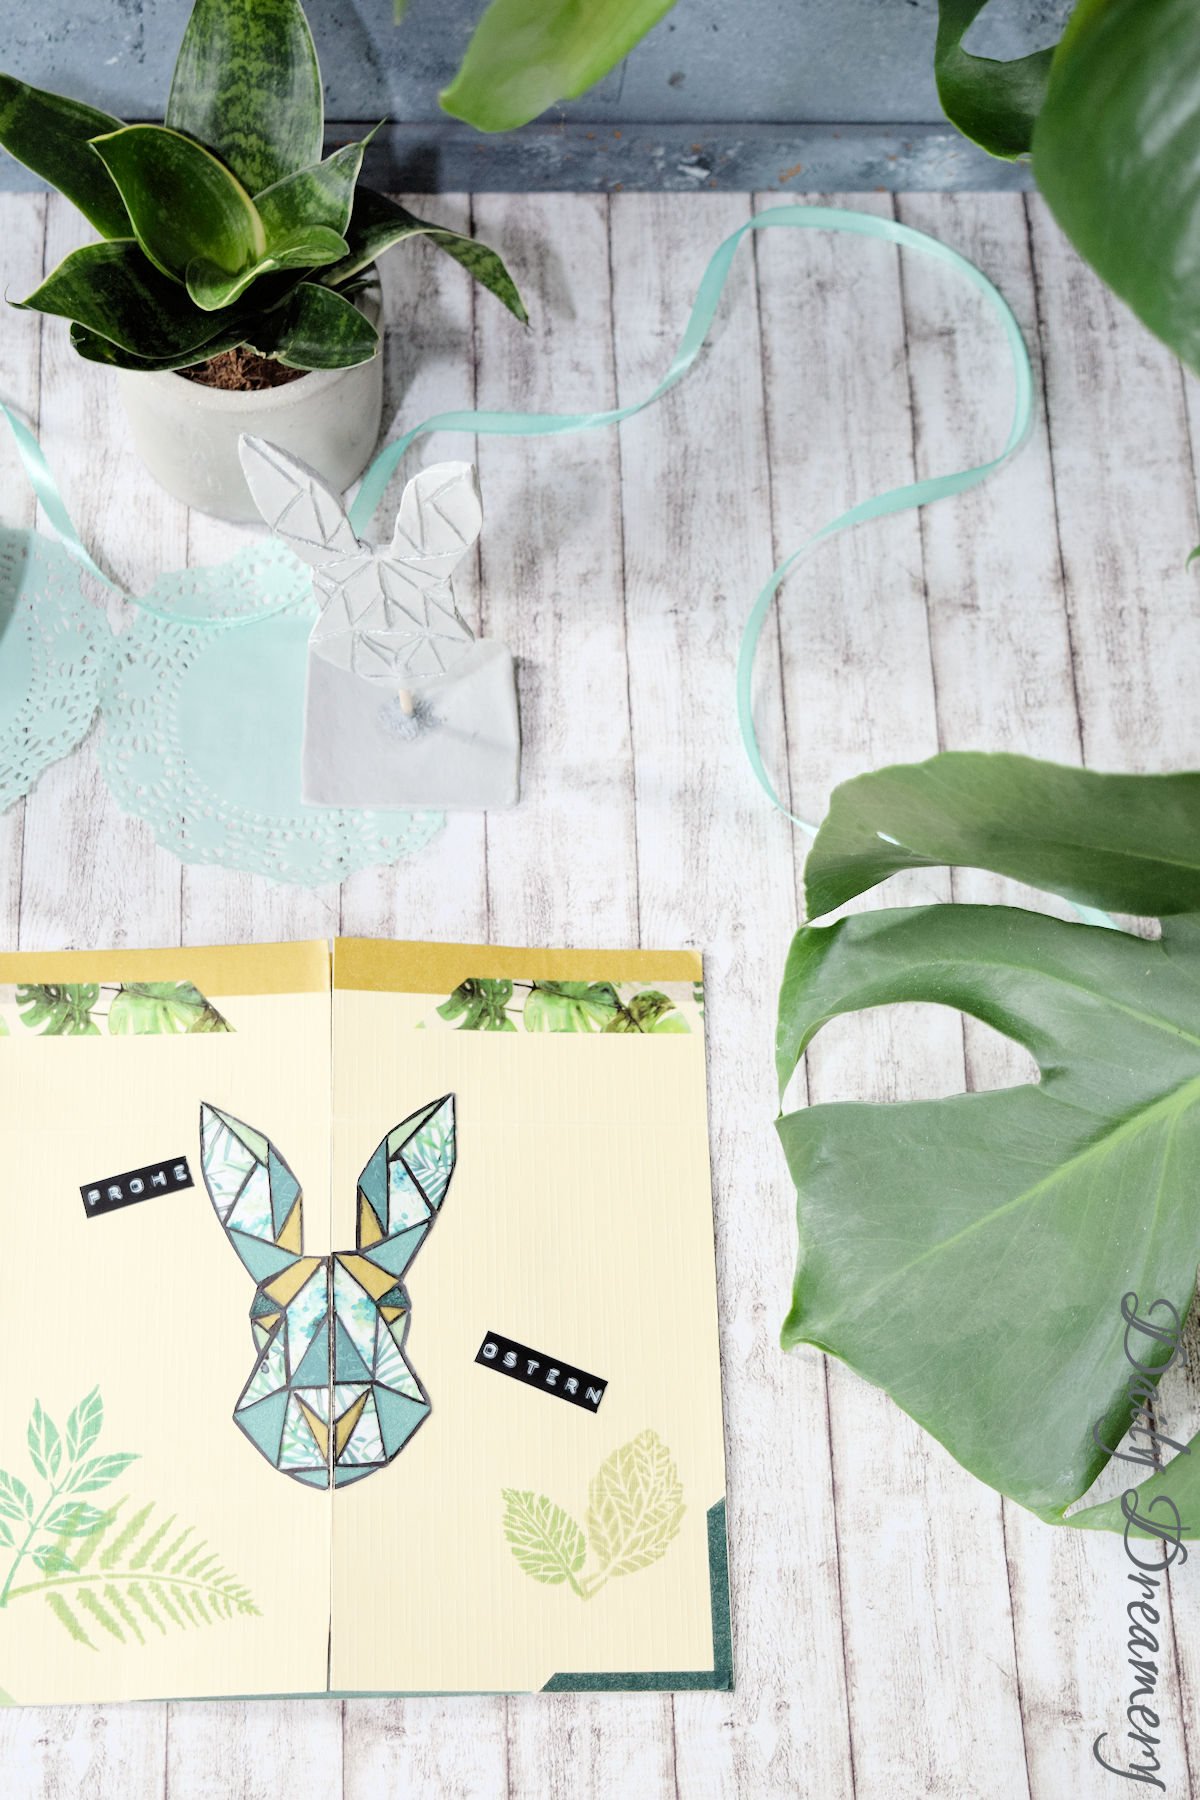 DIY Anleitung für eine Endloskarte, inspiriert vom Urban Jungle Trend und ein bisschen magisch #ostern #kartenbasteln #urbanjungle